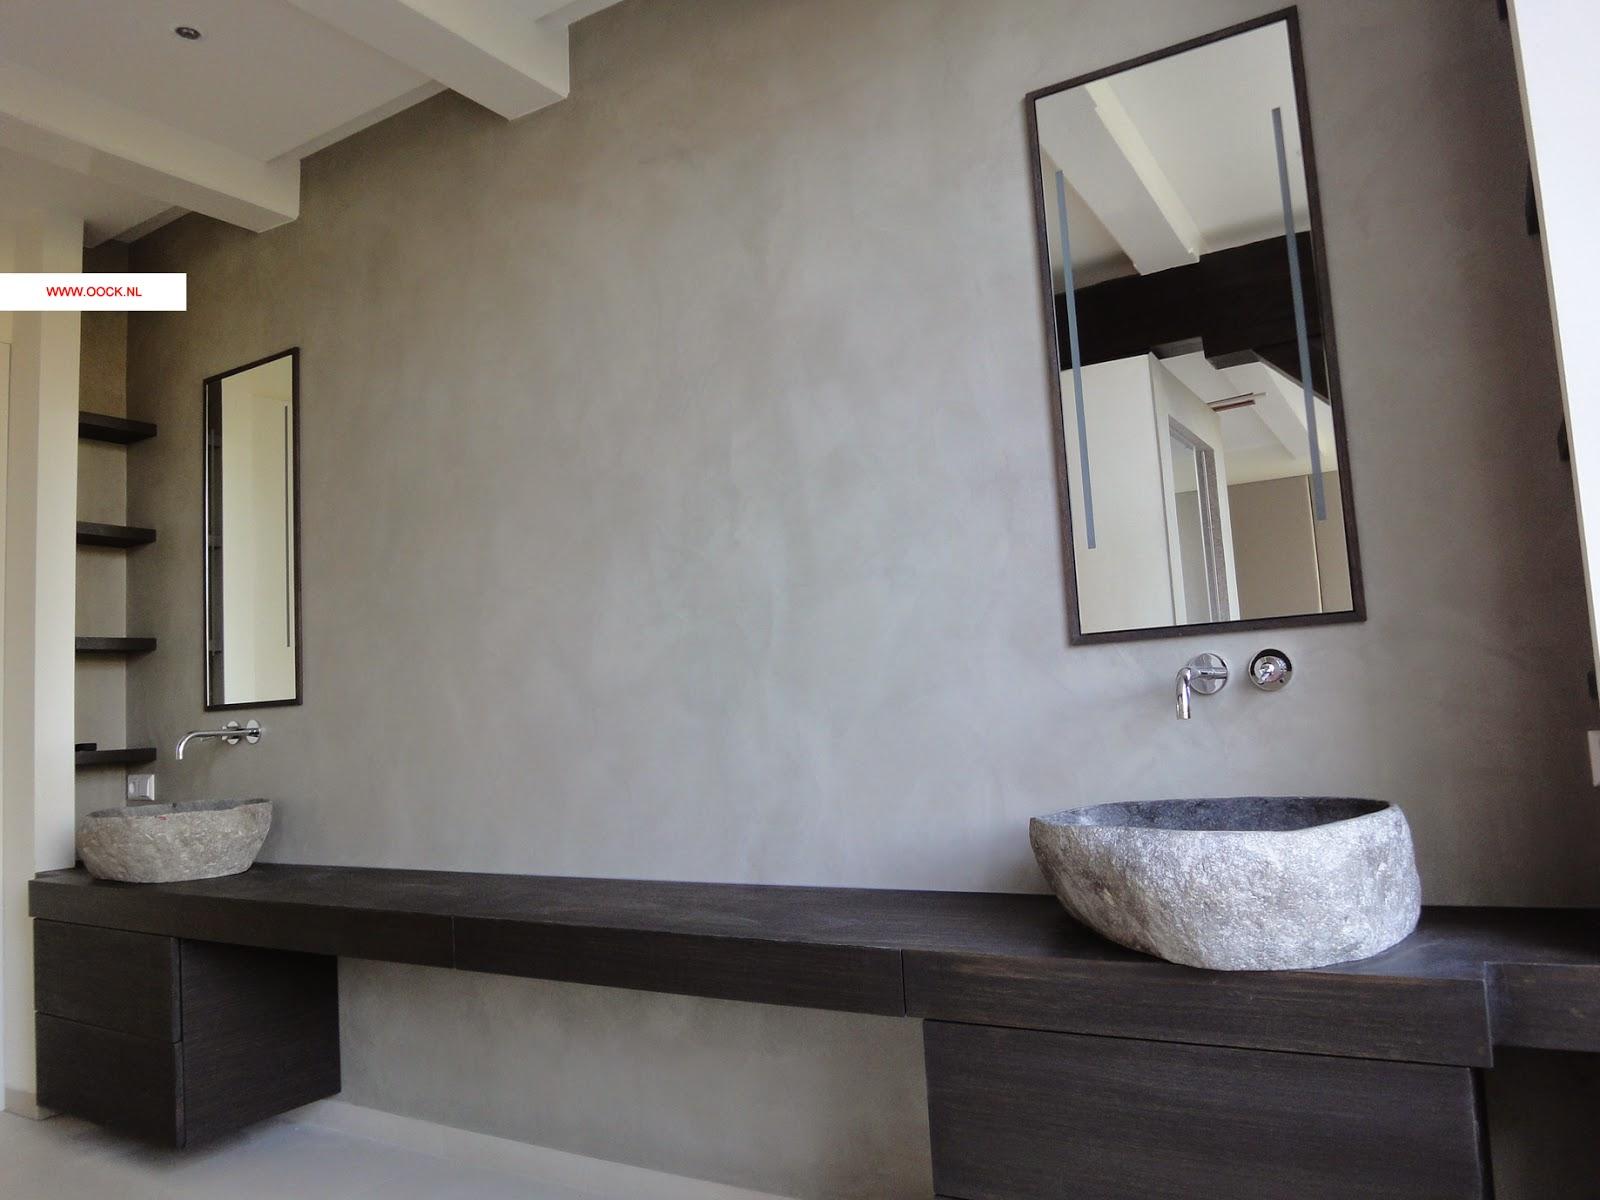 Badkamer wastafel goedkoop de badkamer verbouwen zonder al te